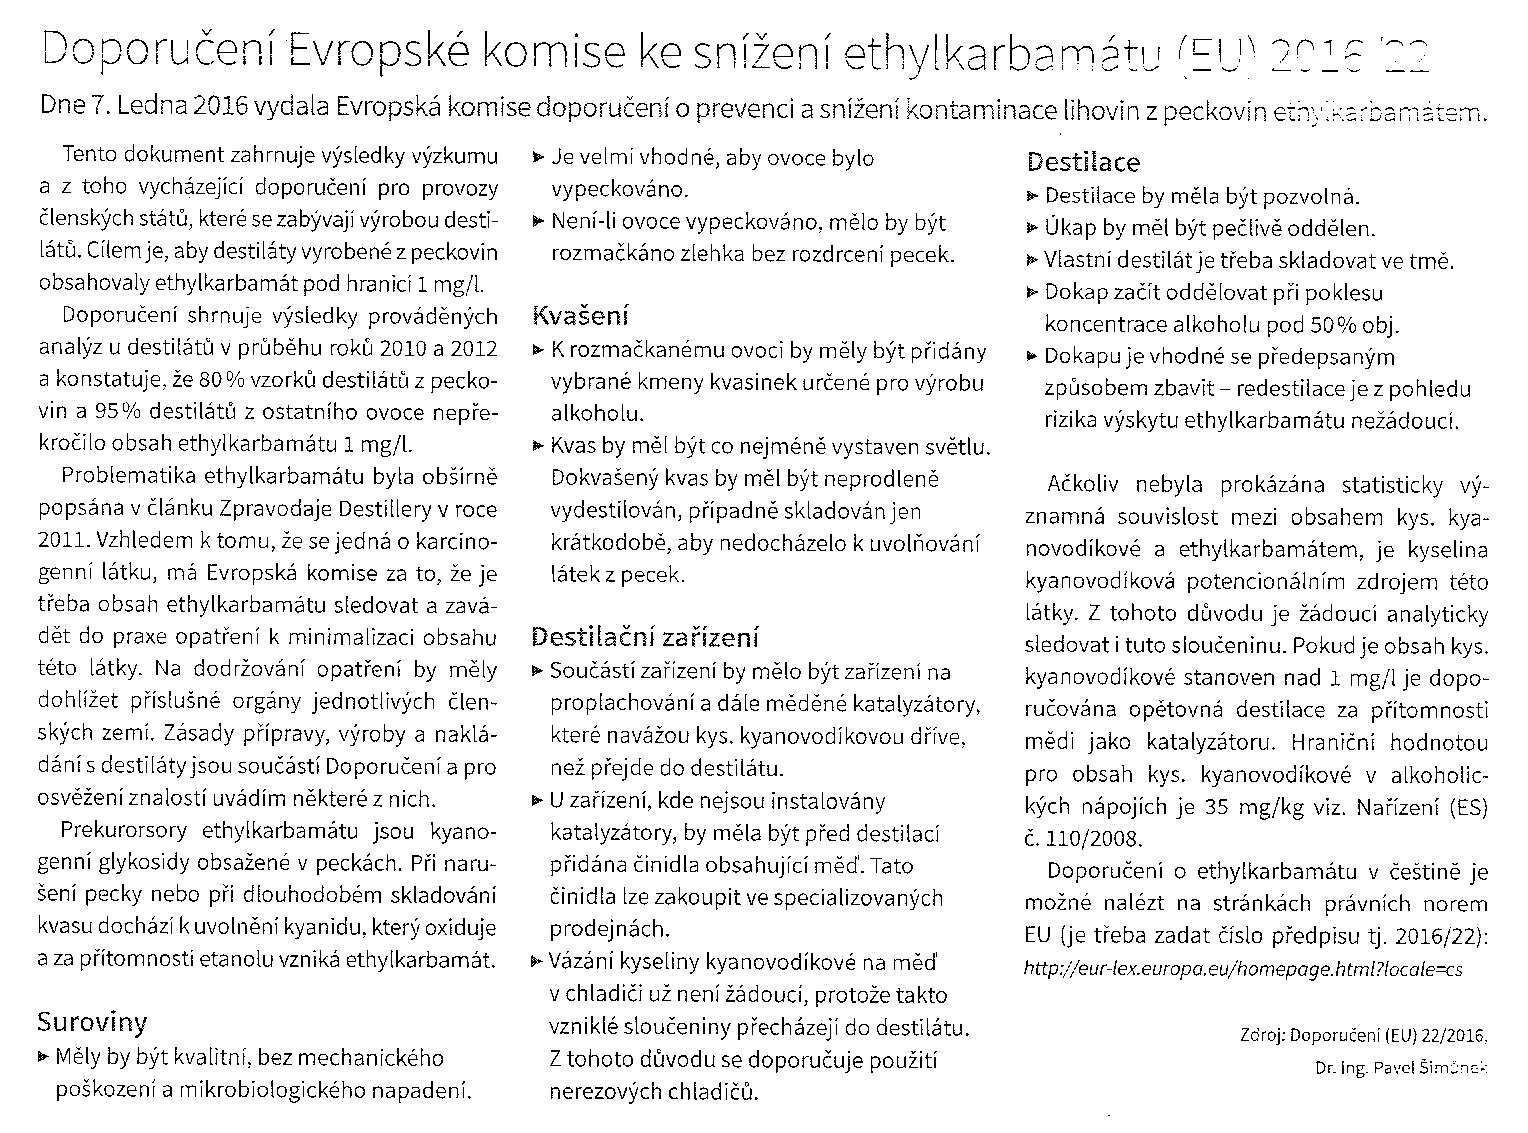 Ethylkarbamát